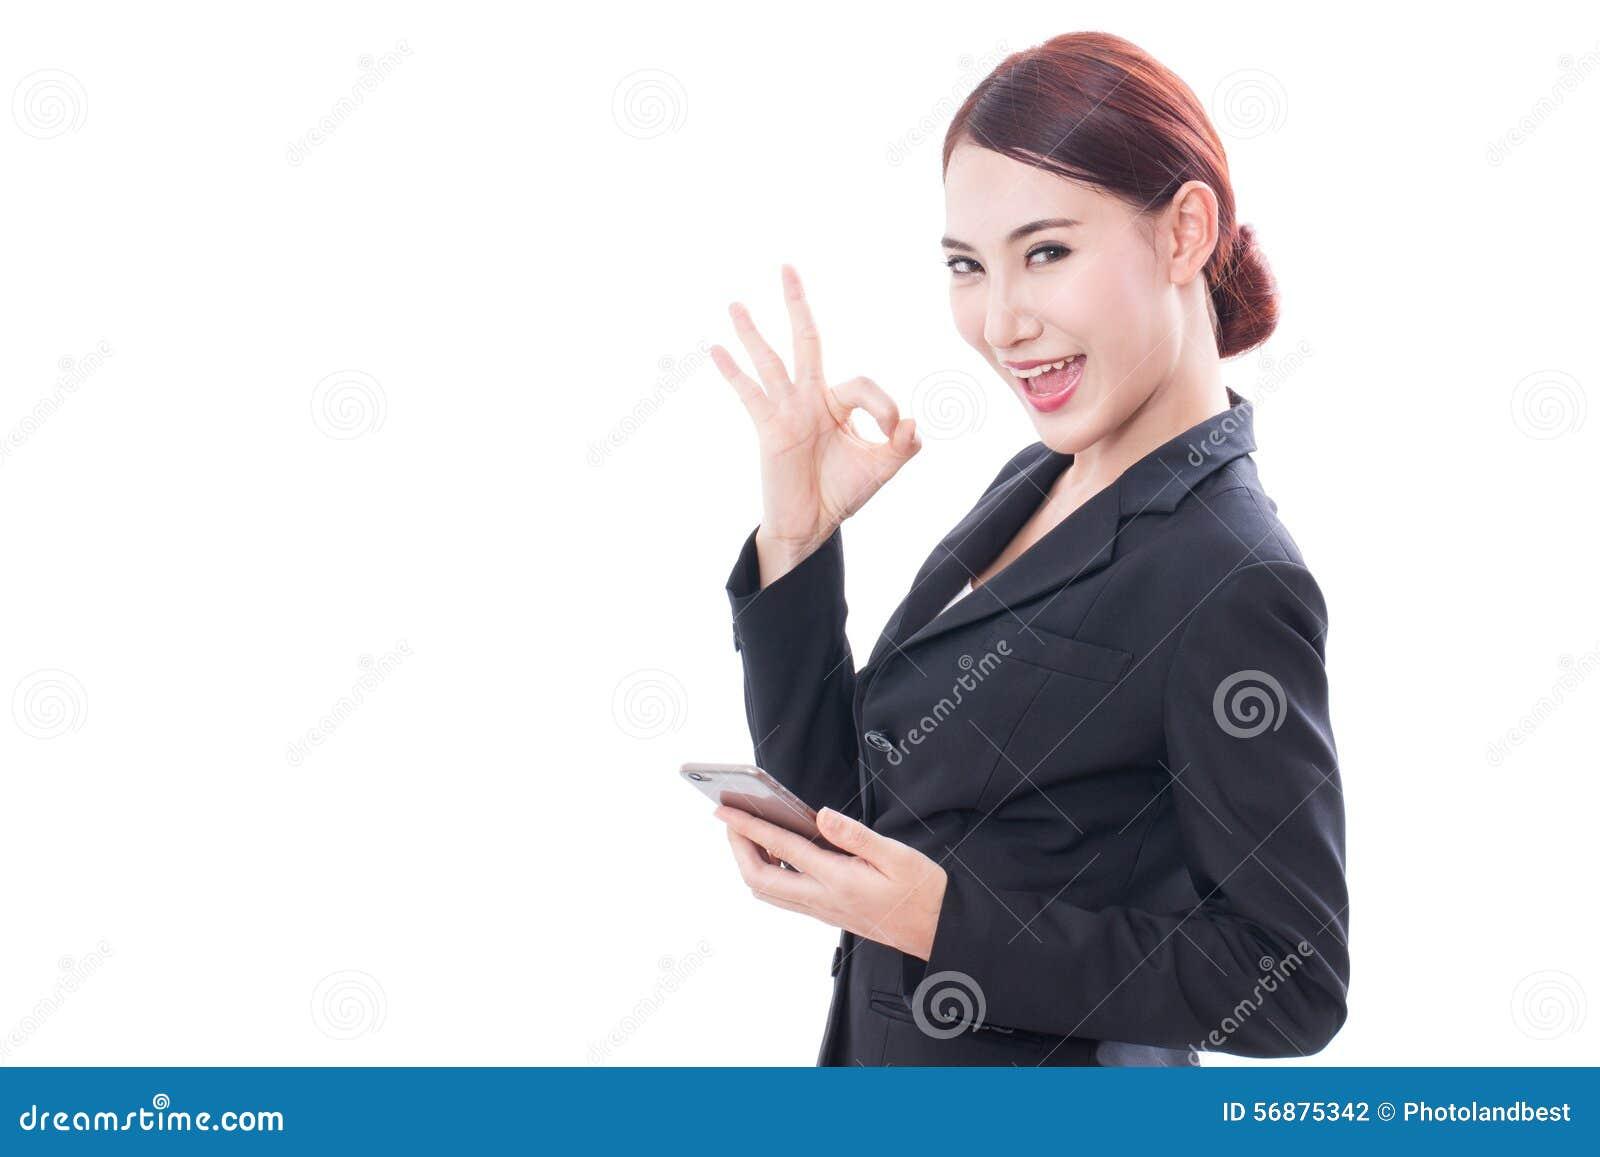 Ritratto di giovane donna di affari che per mezzo di un telefono cellulare e mostrando segno giusto